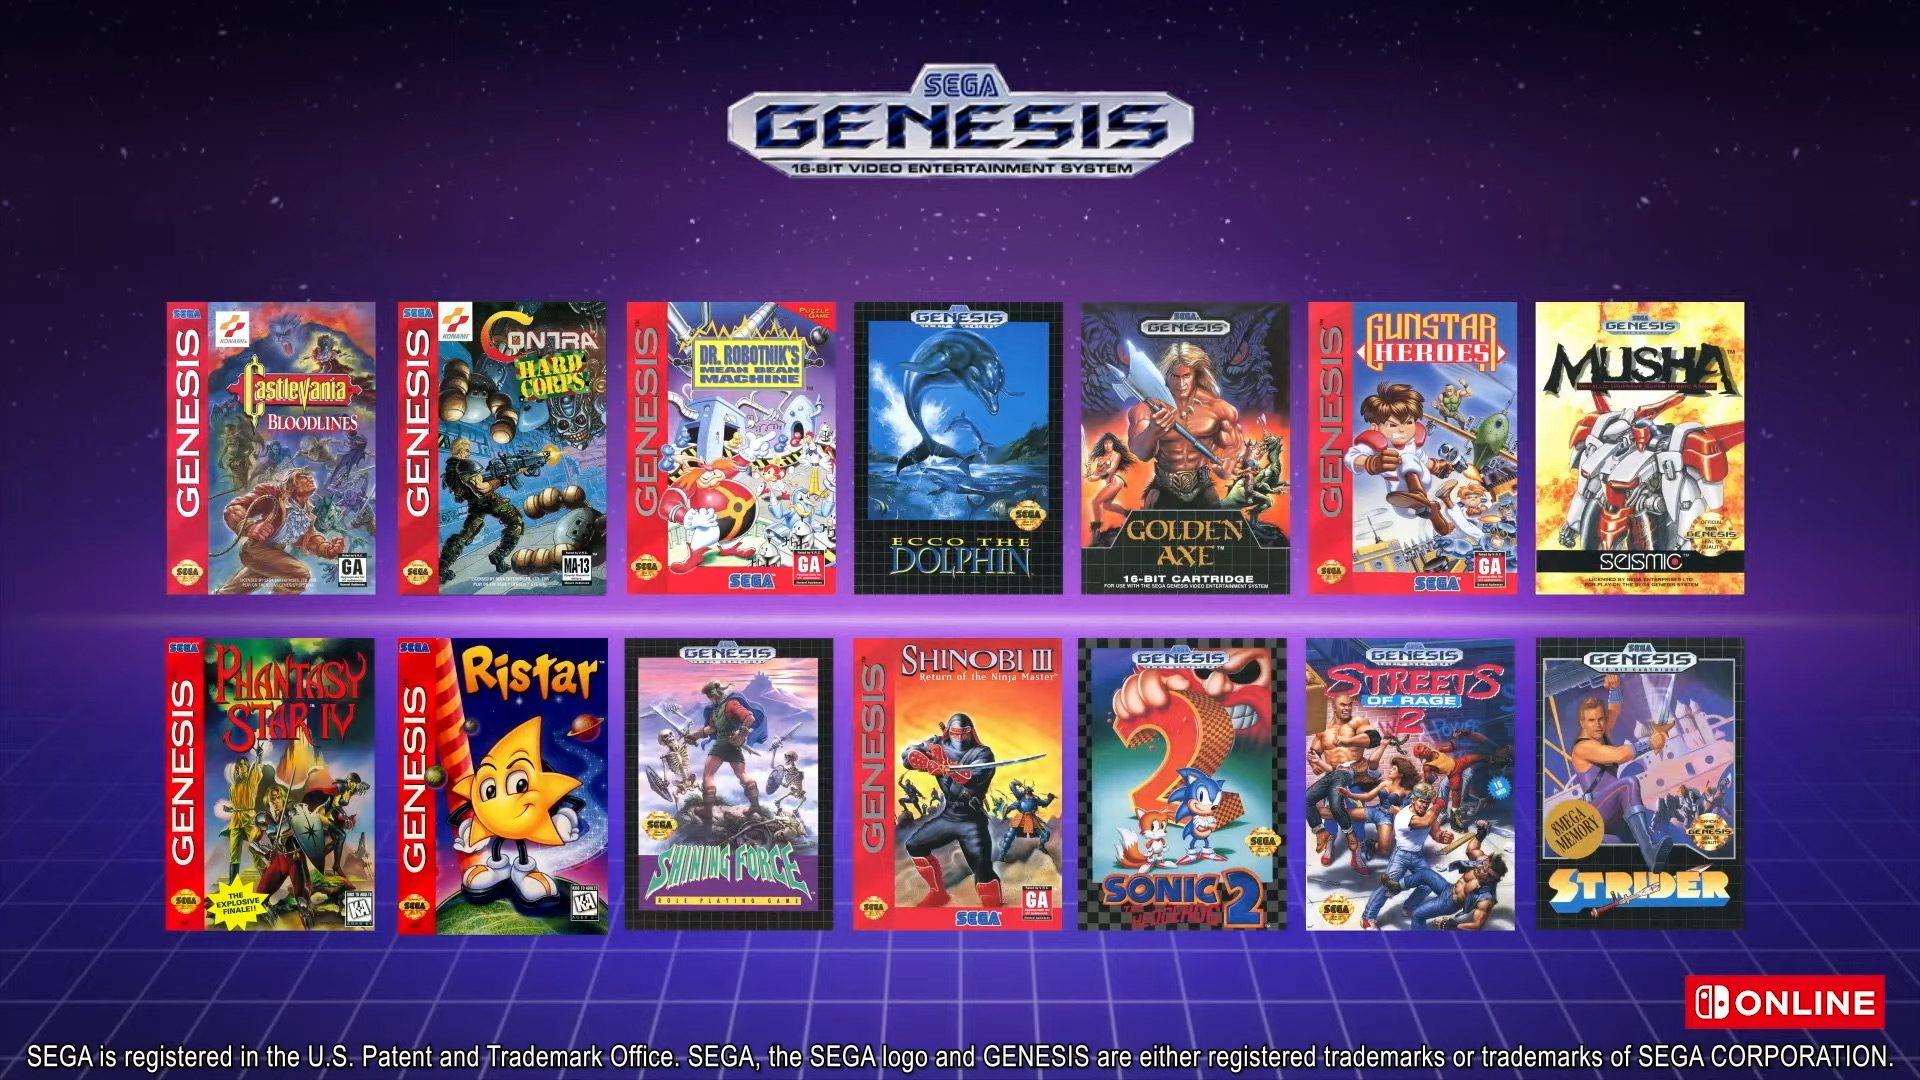 Nintendo Switch Online Sega Genesis games